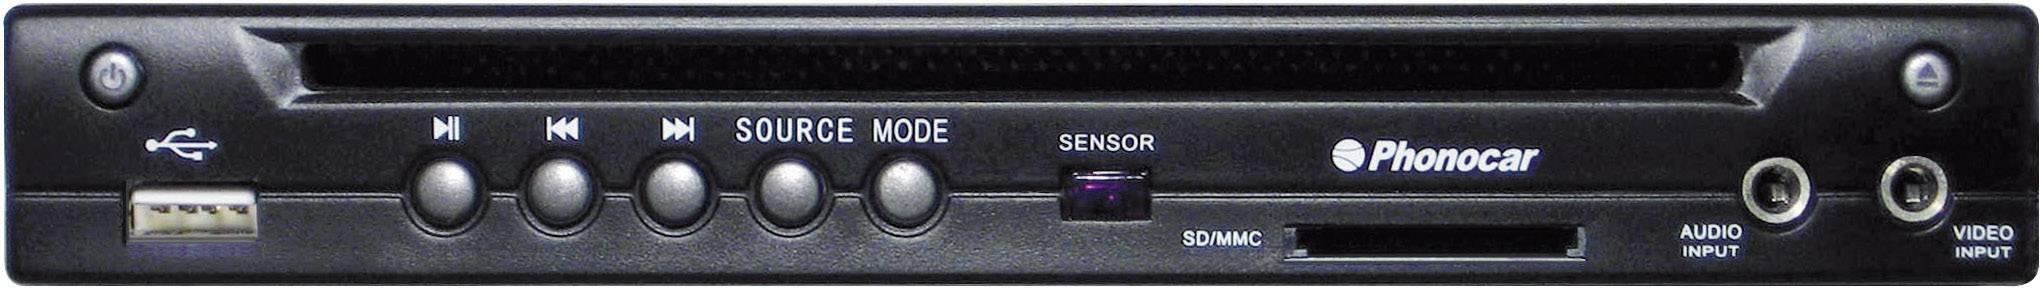 DVD prehrávač do auta Phonocar VM015